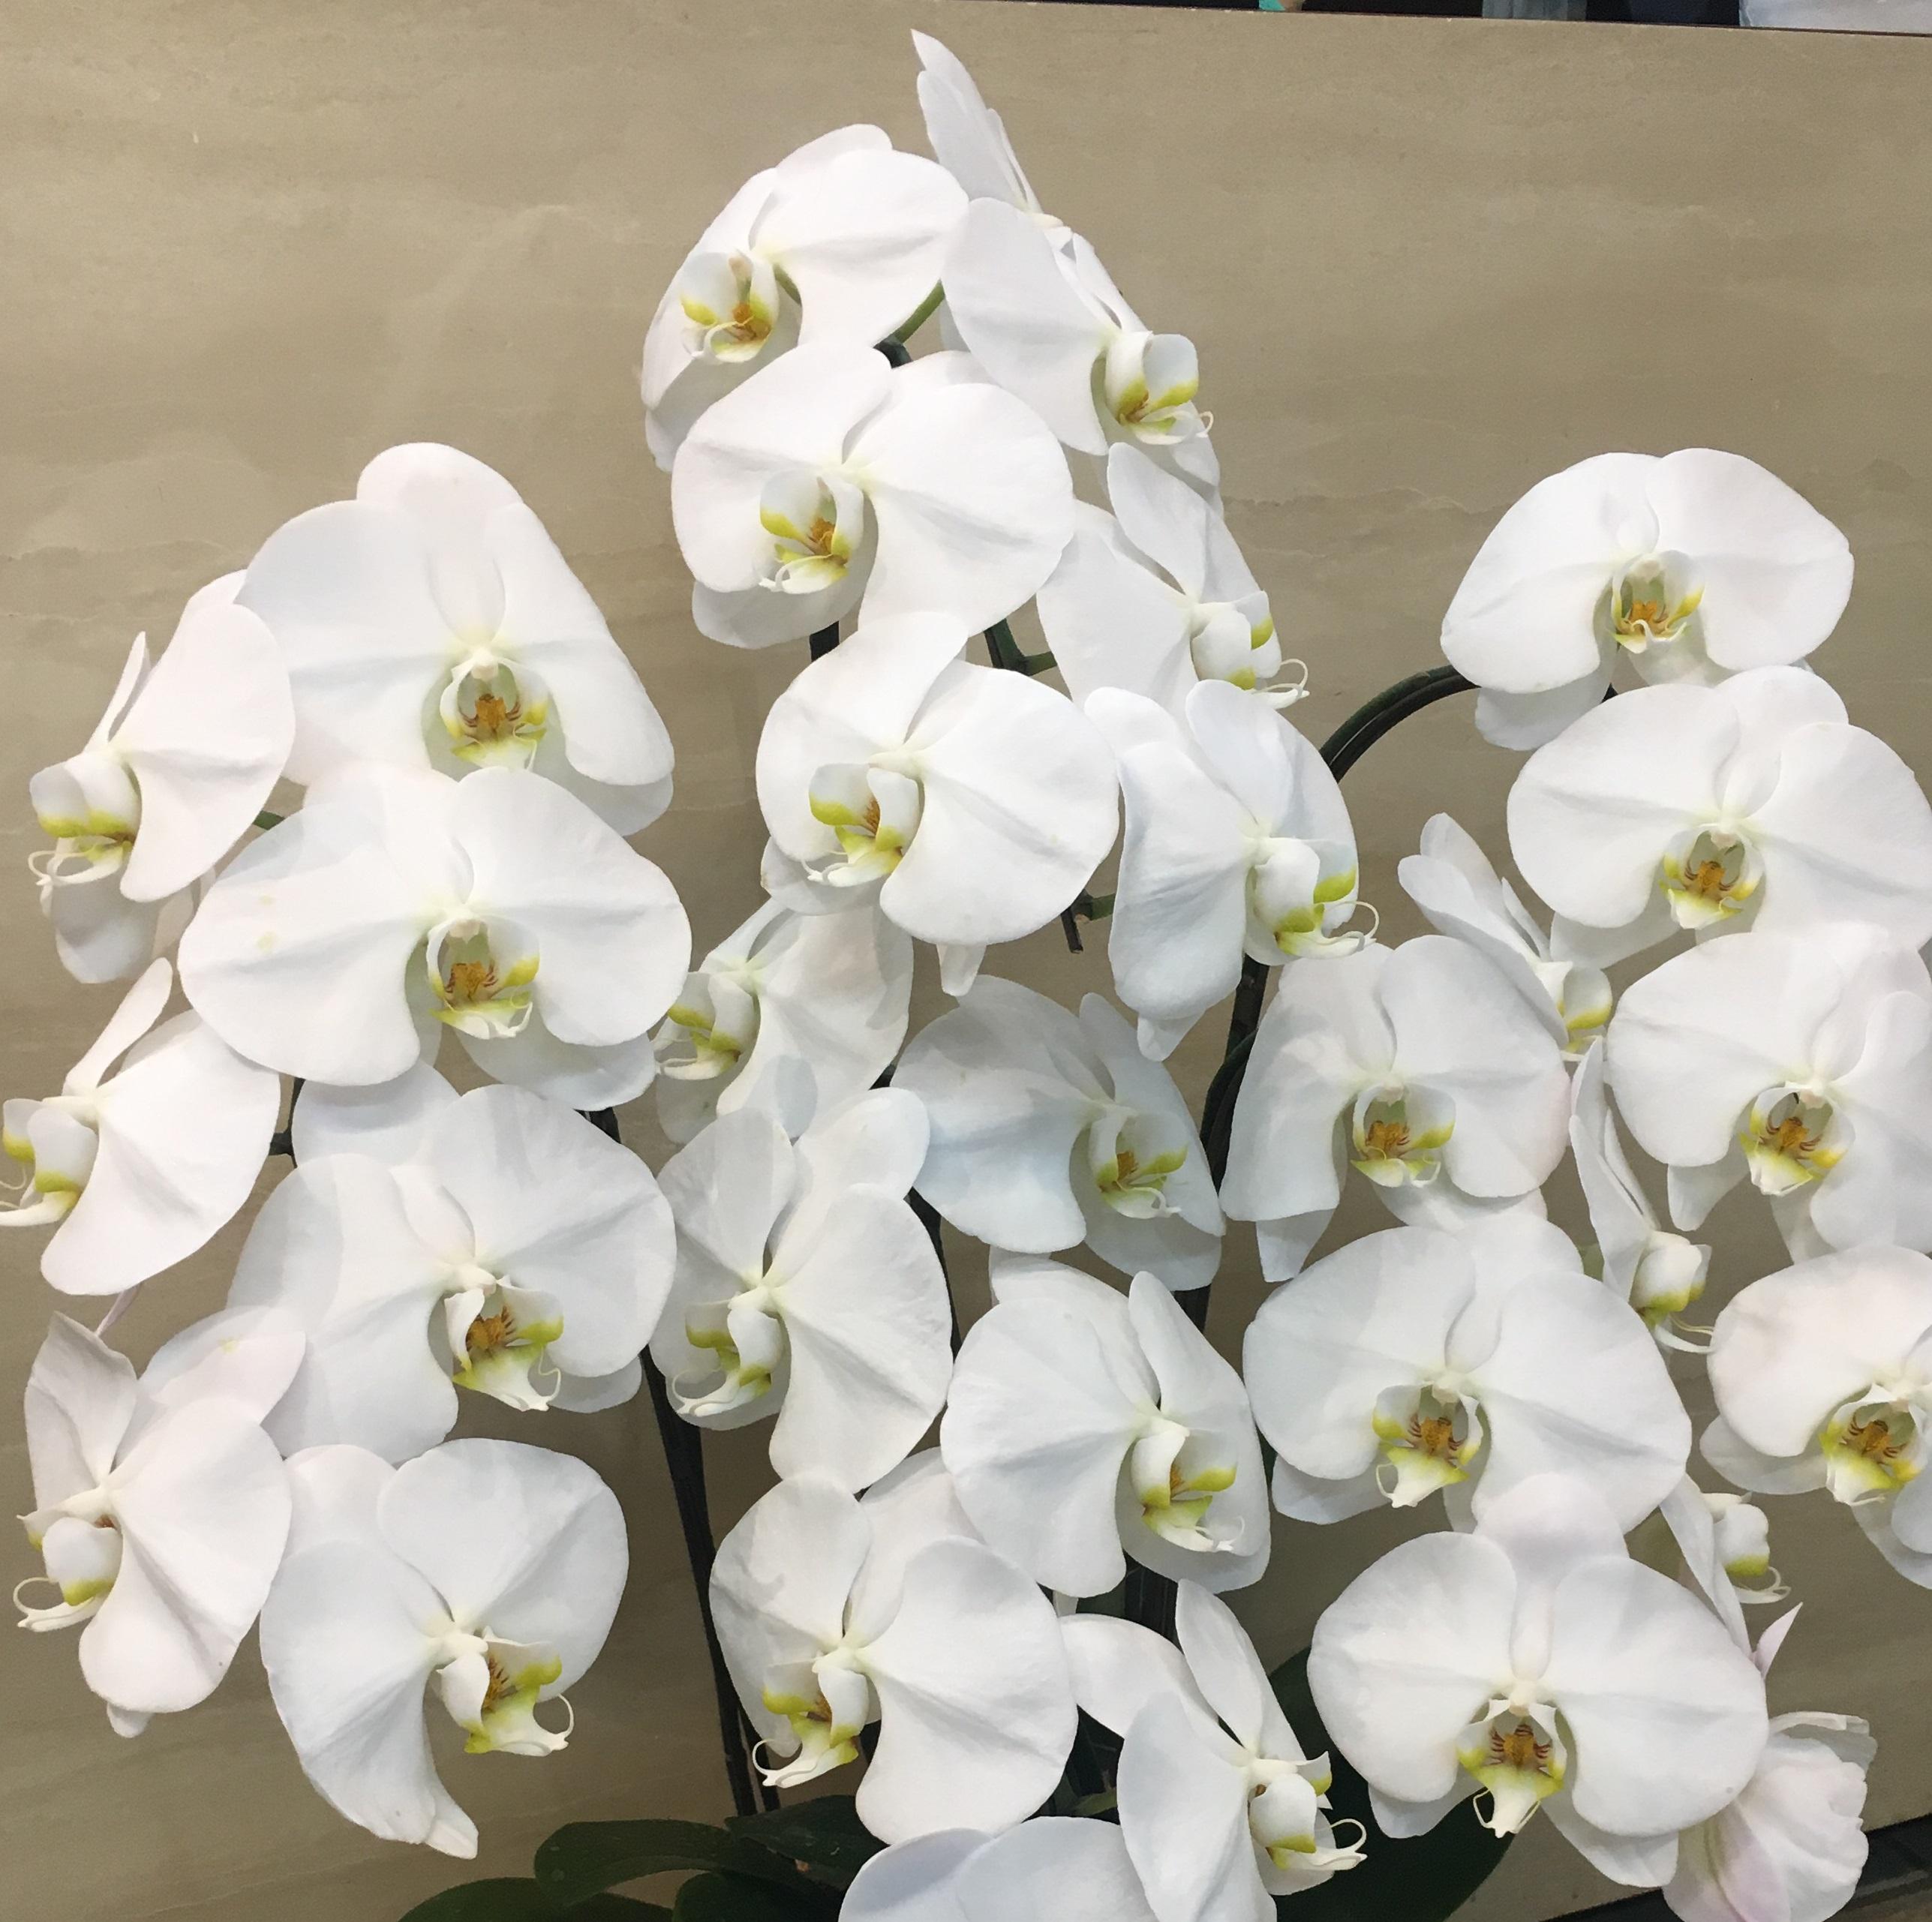 横浜市関内へスタンド花を即日当日配達しました!【横浜花屋の花束・スタンド花・胡蝶蘭・バルーン・アレンジメント配達事例291】